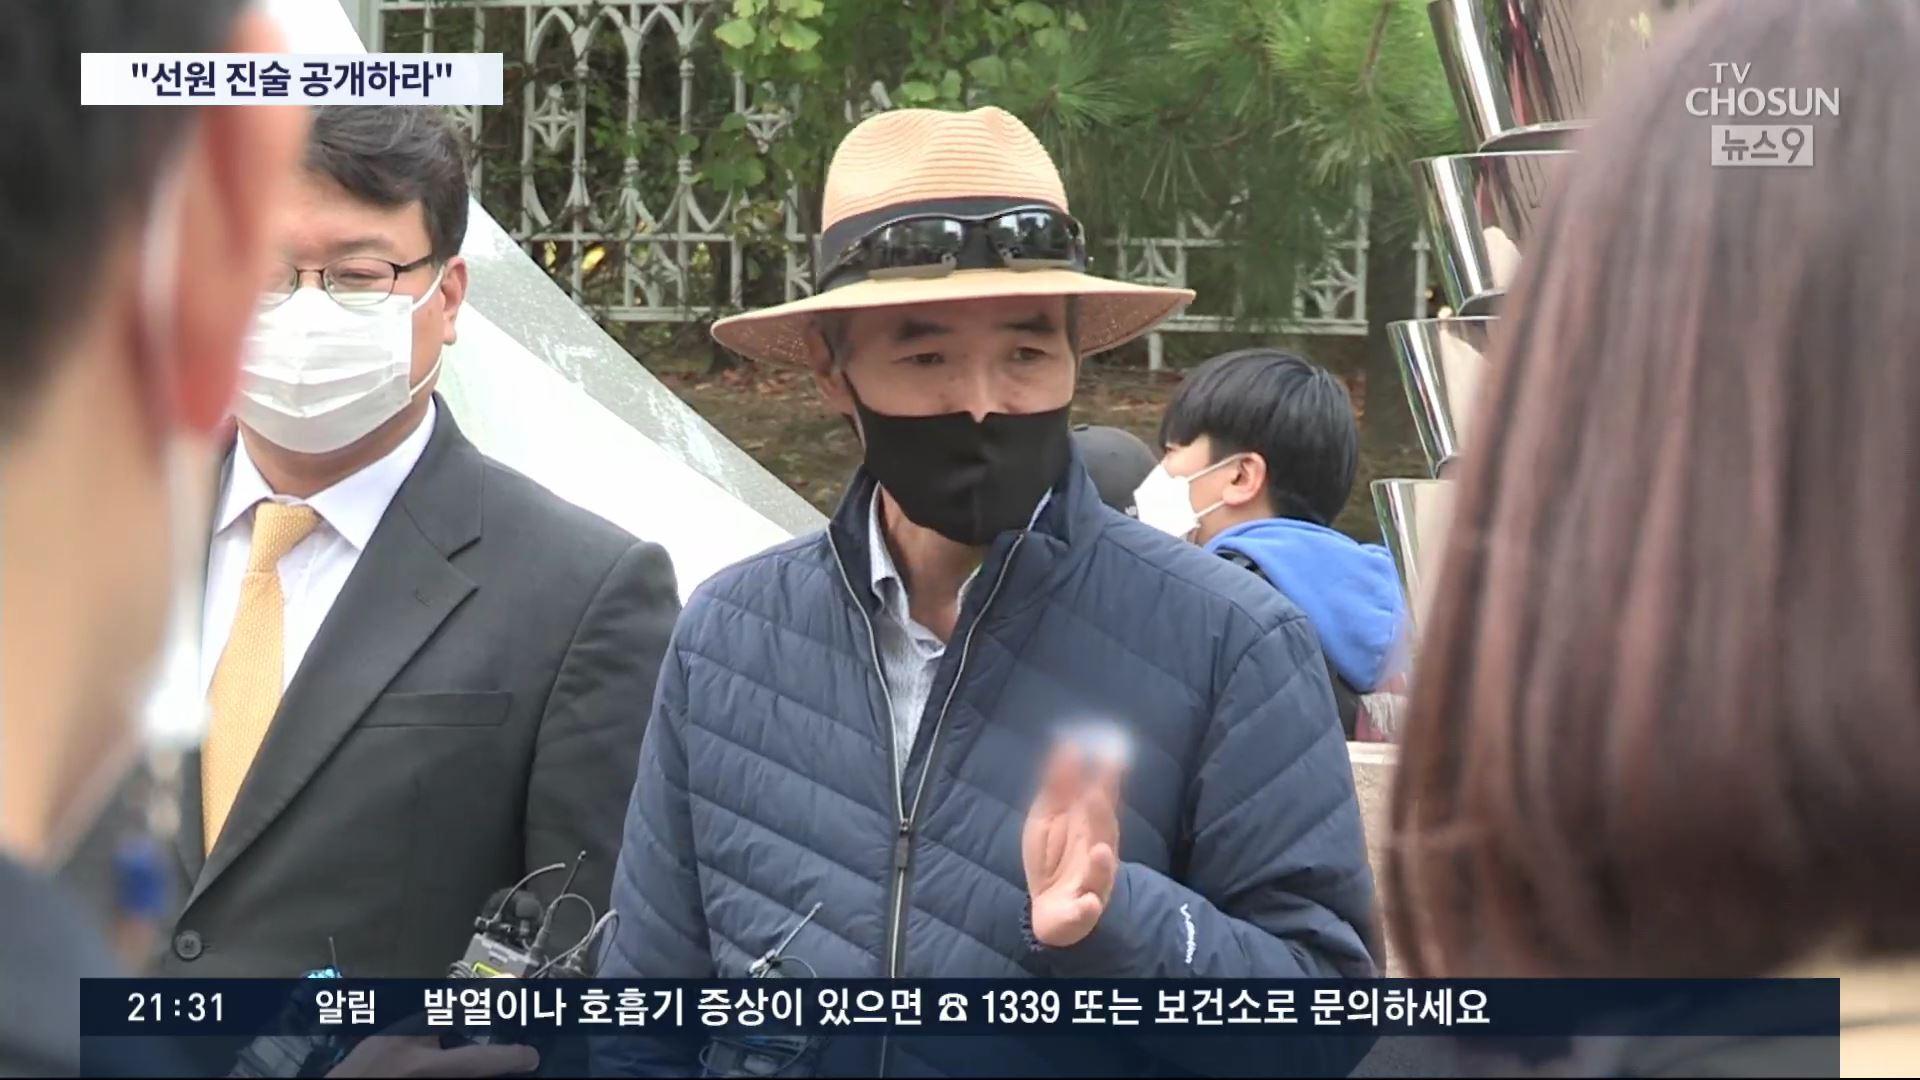 피격공무원 형 '동료 진술 공개하라…대통령 답장 내용 실망'